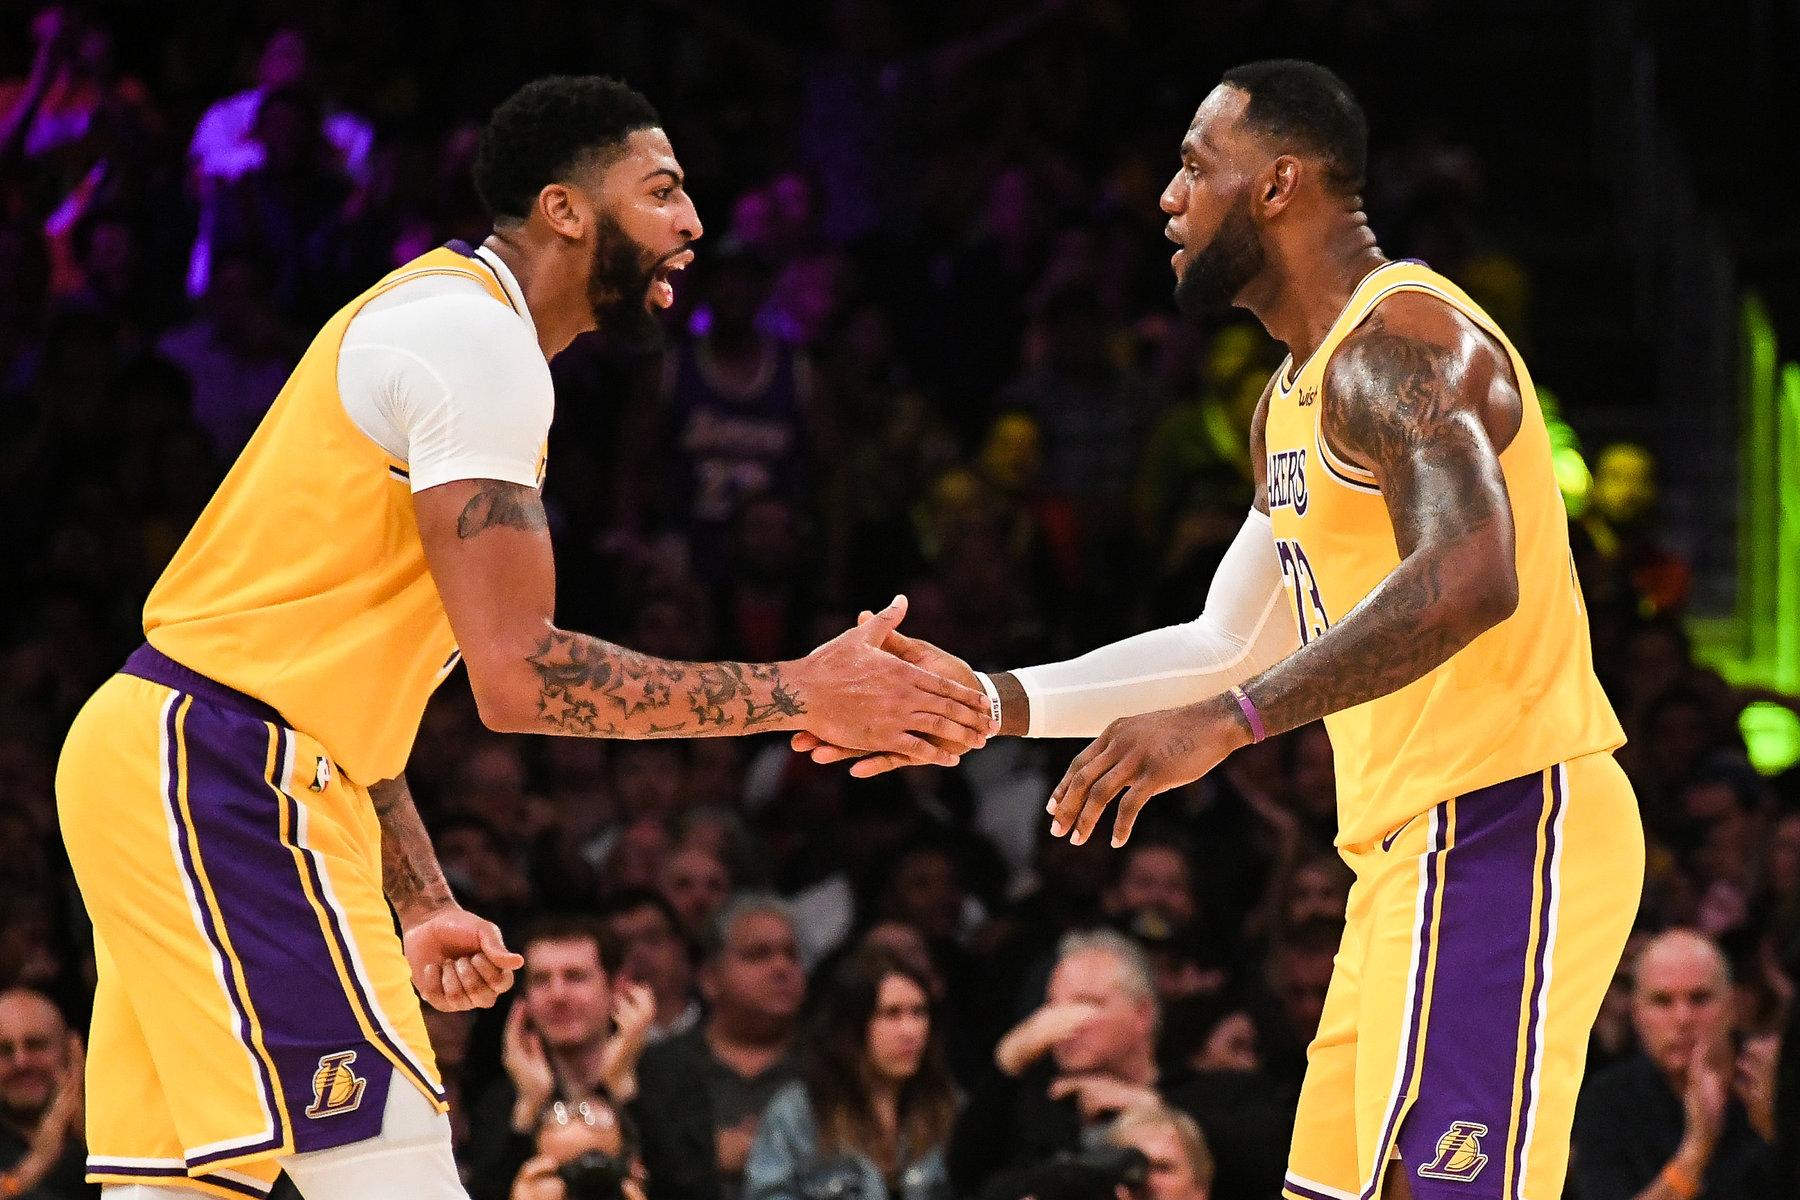 霸氣!湖人佩總放話兇猛引援:新賽季會更強大,讓我們再來一次!-黑特籃球-NBA新聞影音圖片分享社區